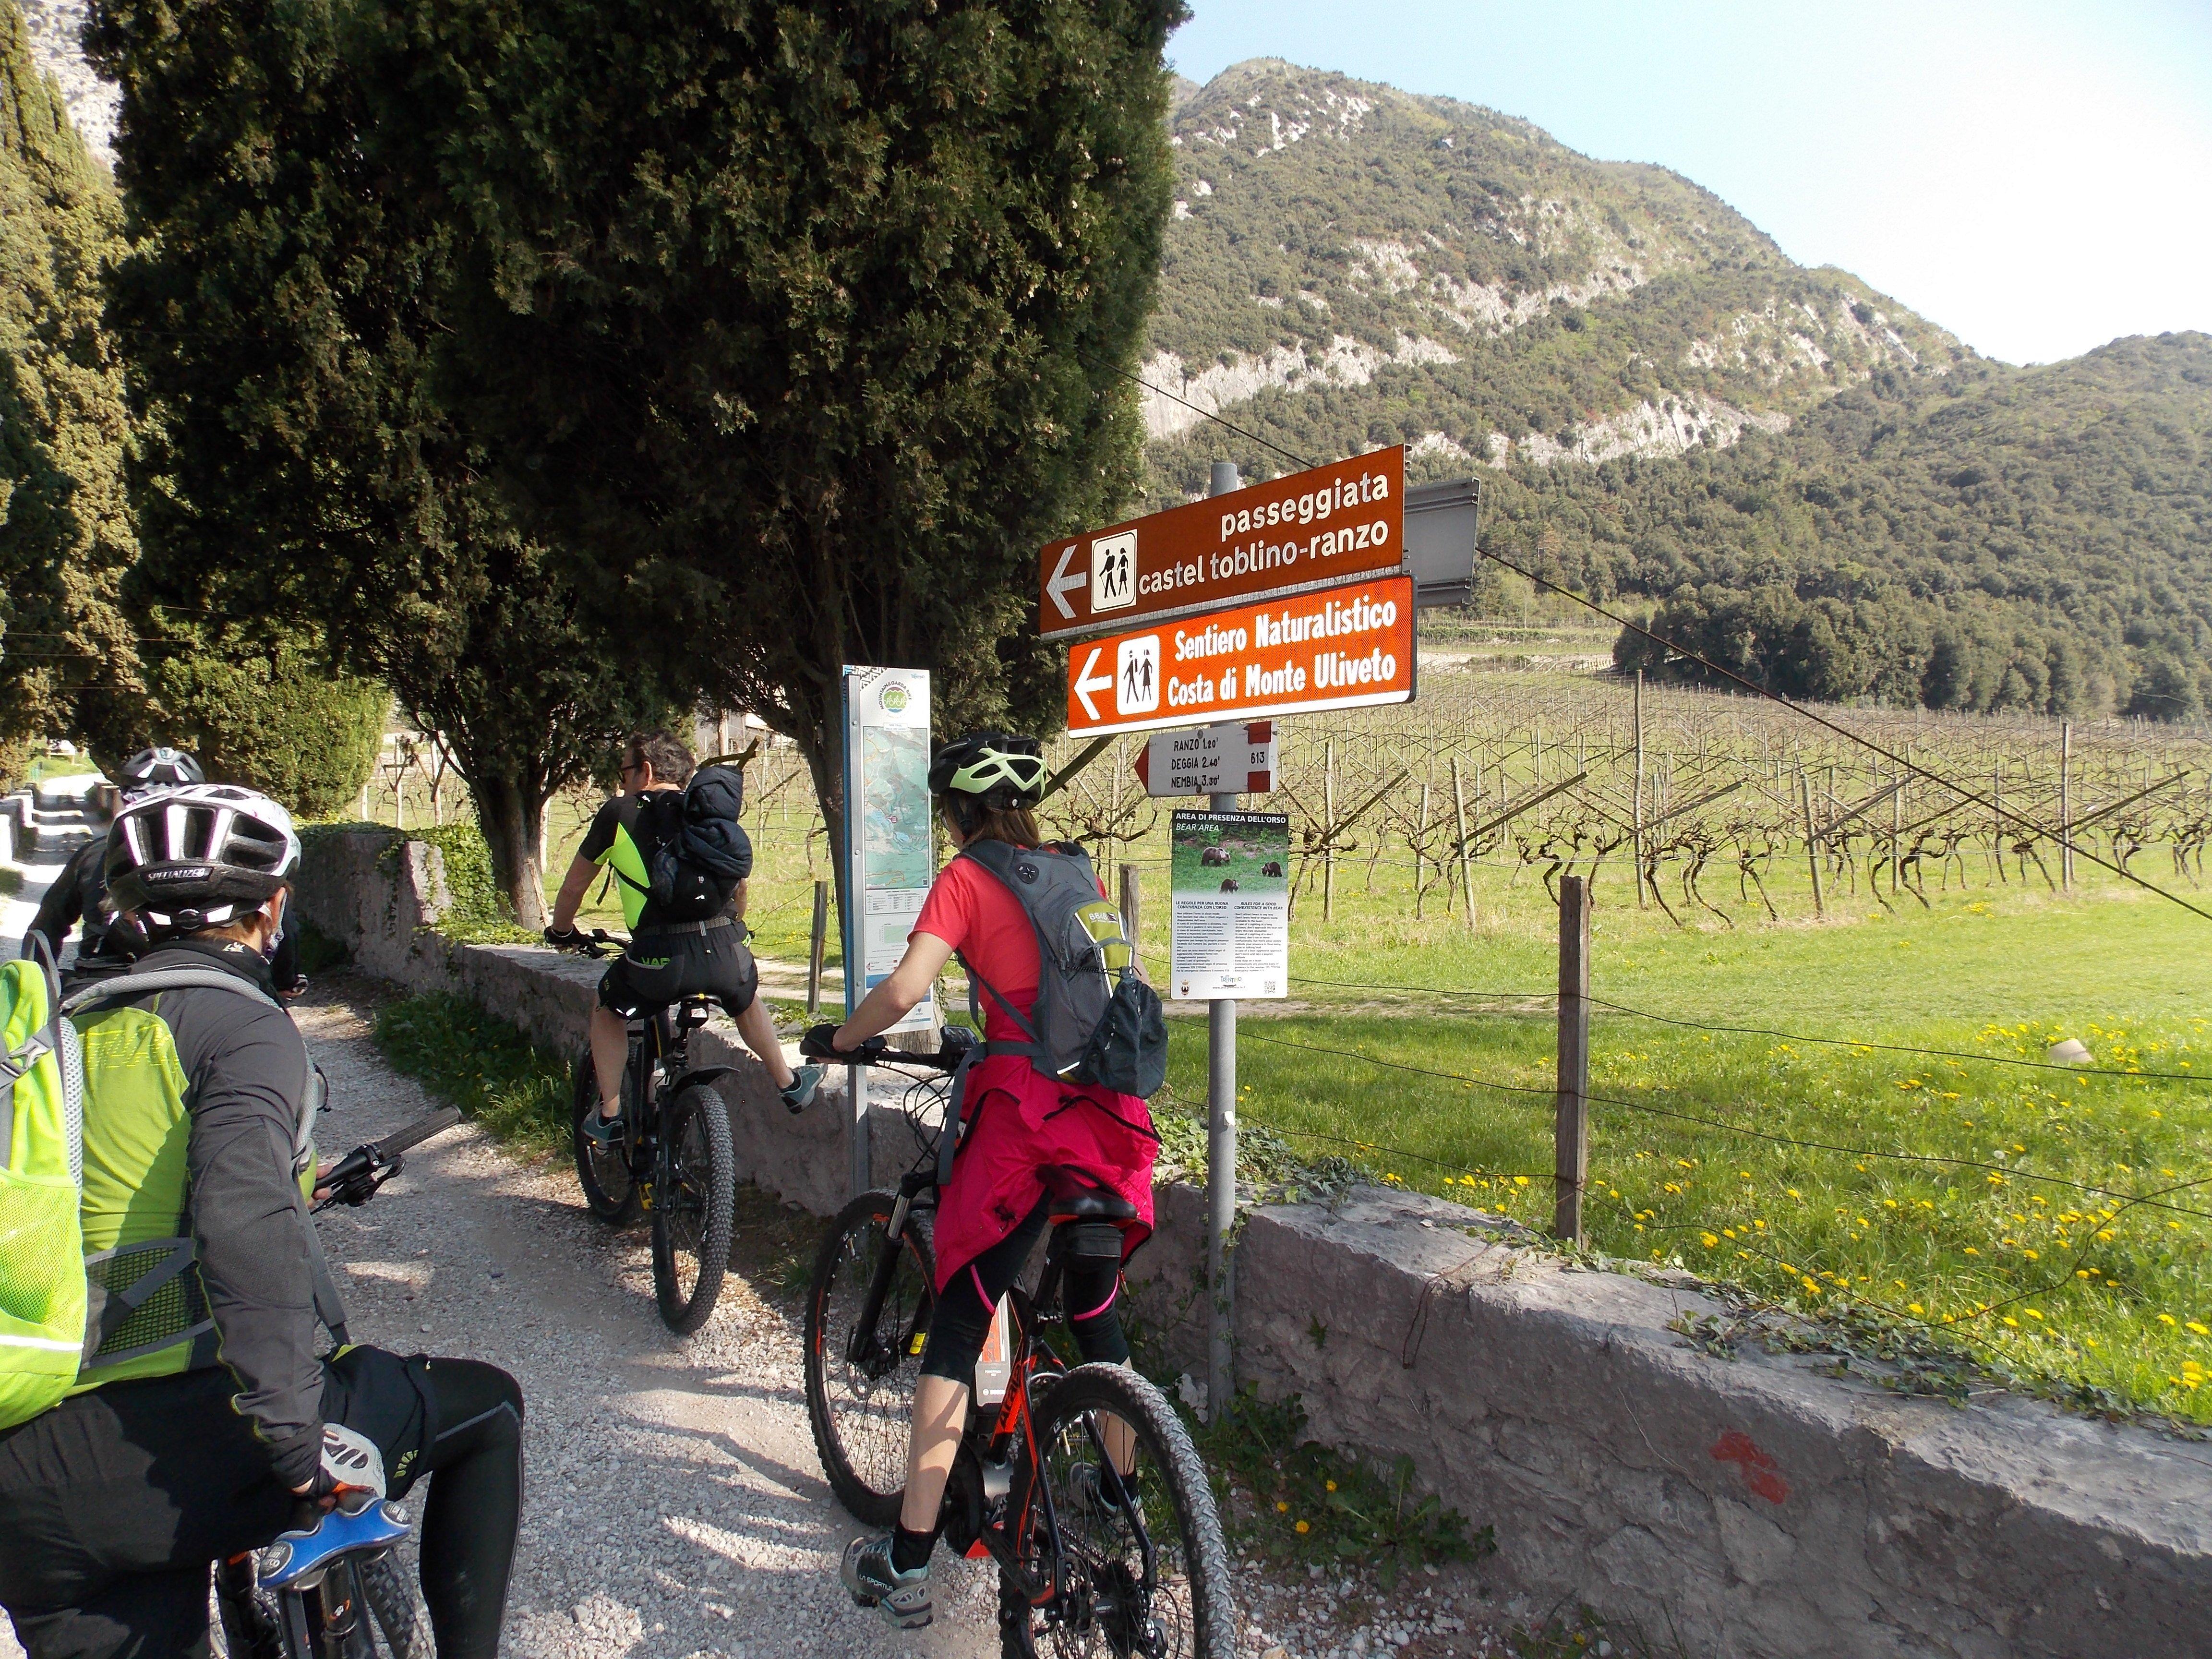 Ragazza in mountain bike su strada sterrata